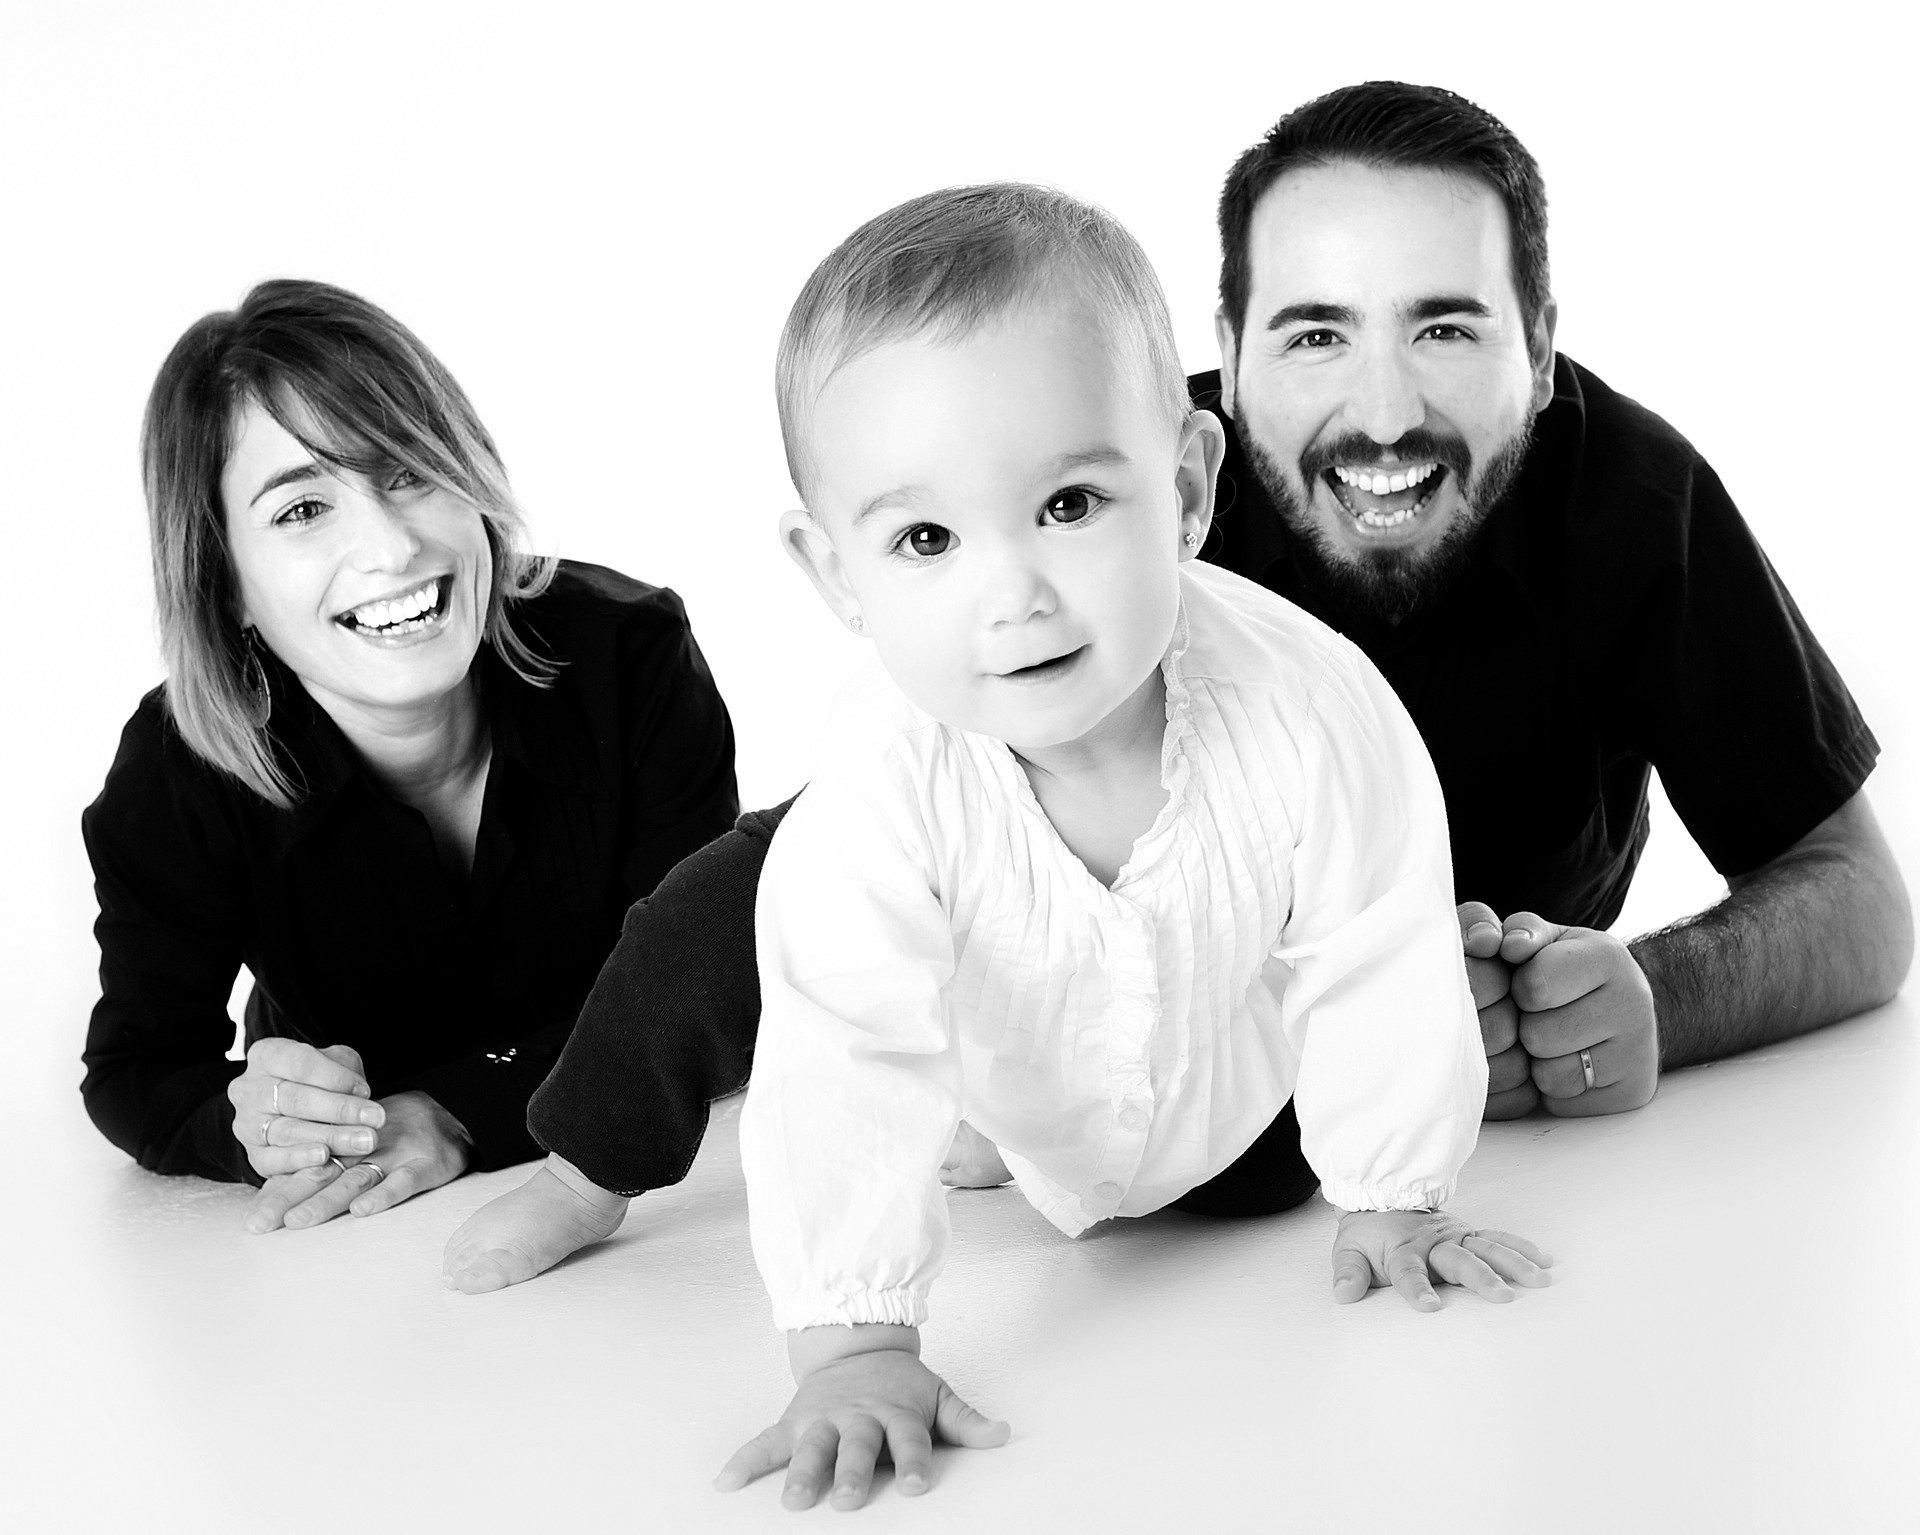 family-1237701_1920.jpg